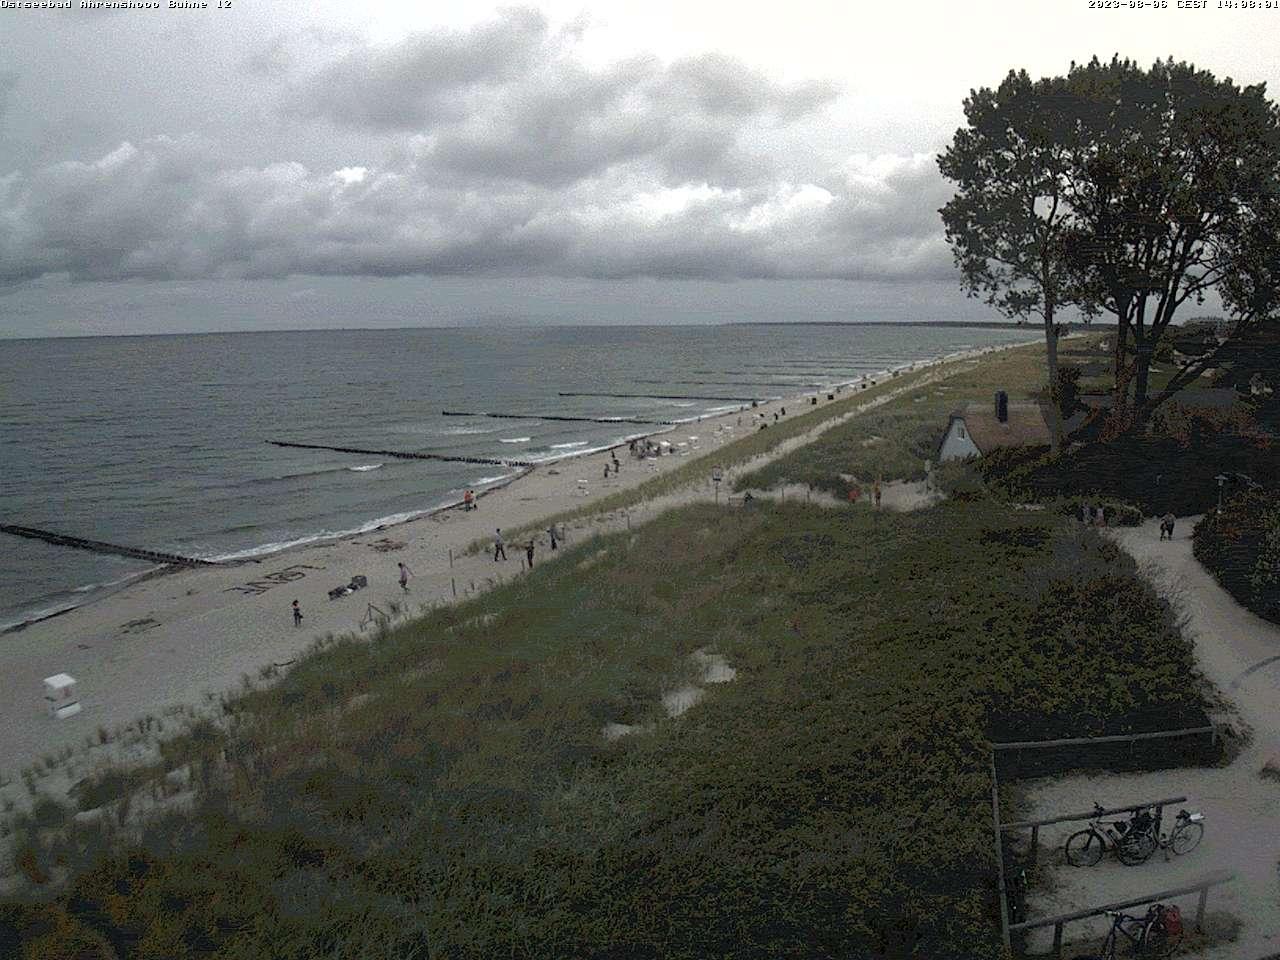 Webcam mit Blick auf die Ostsee und dem Grenzweg